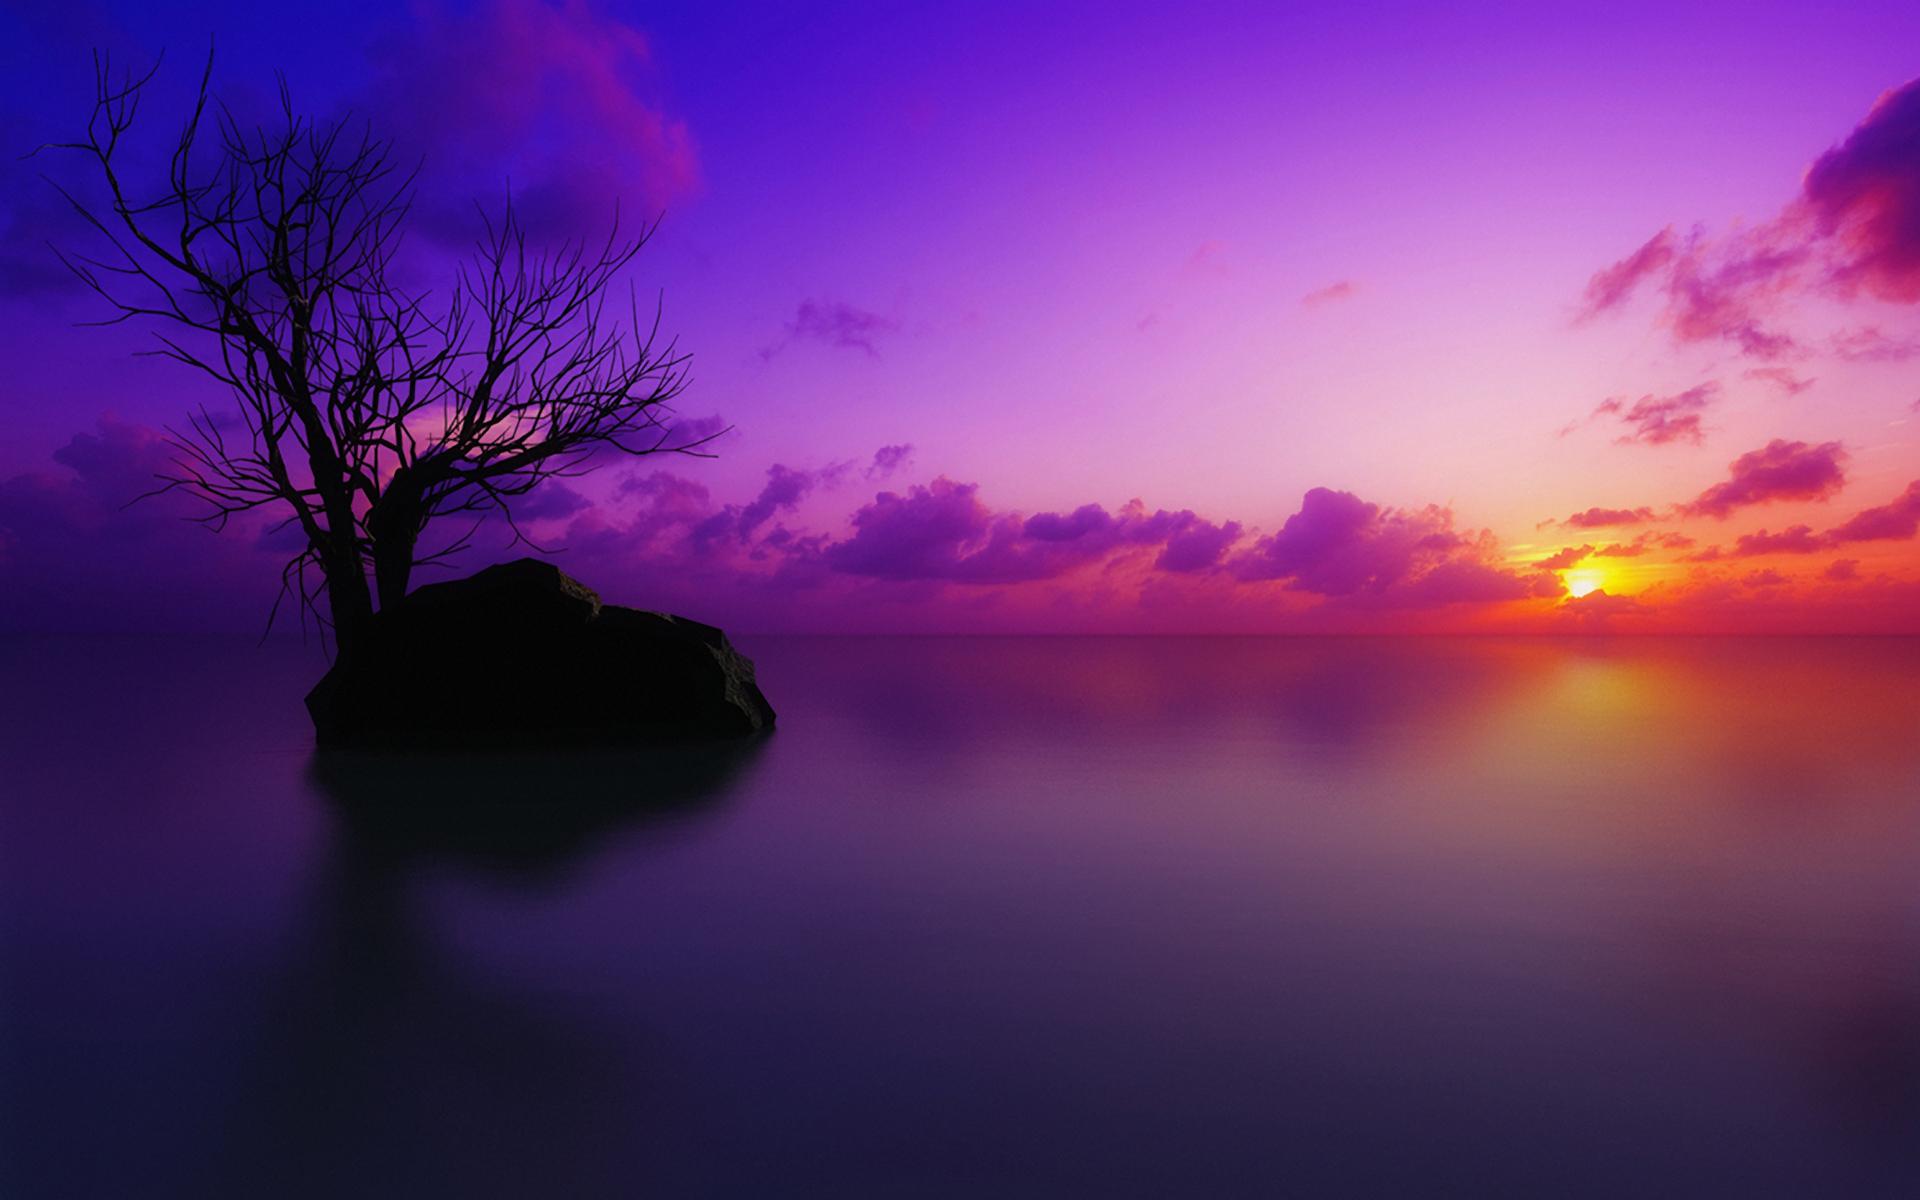 唯美风景夕阳高清壁纸 - 图片素材 - 华声论坛